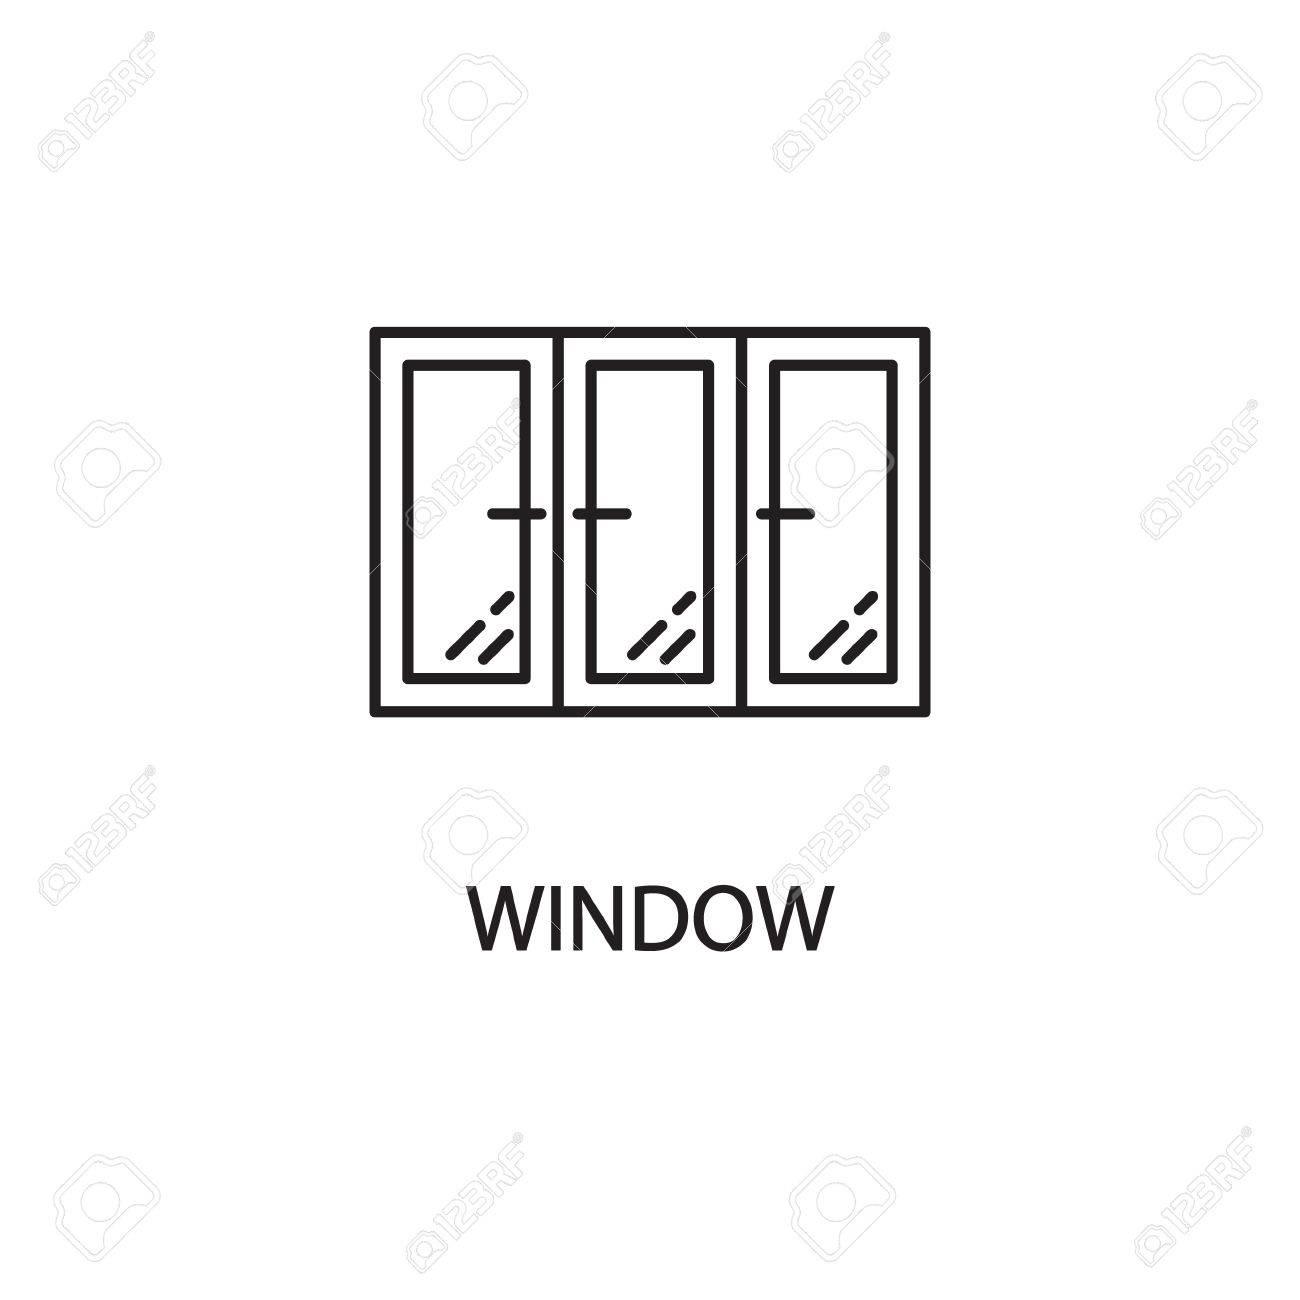 Fensterlinie Symbol. Hochwertiges Piktogramm Fenster Für Das Zuhause ...